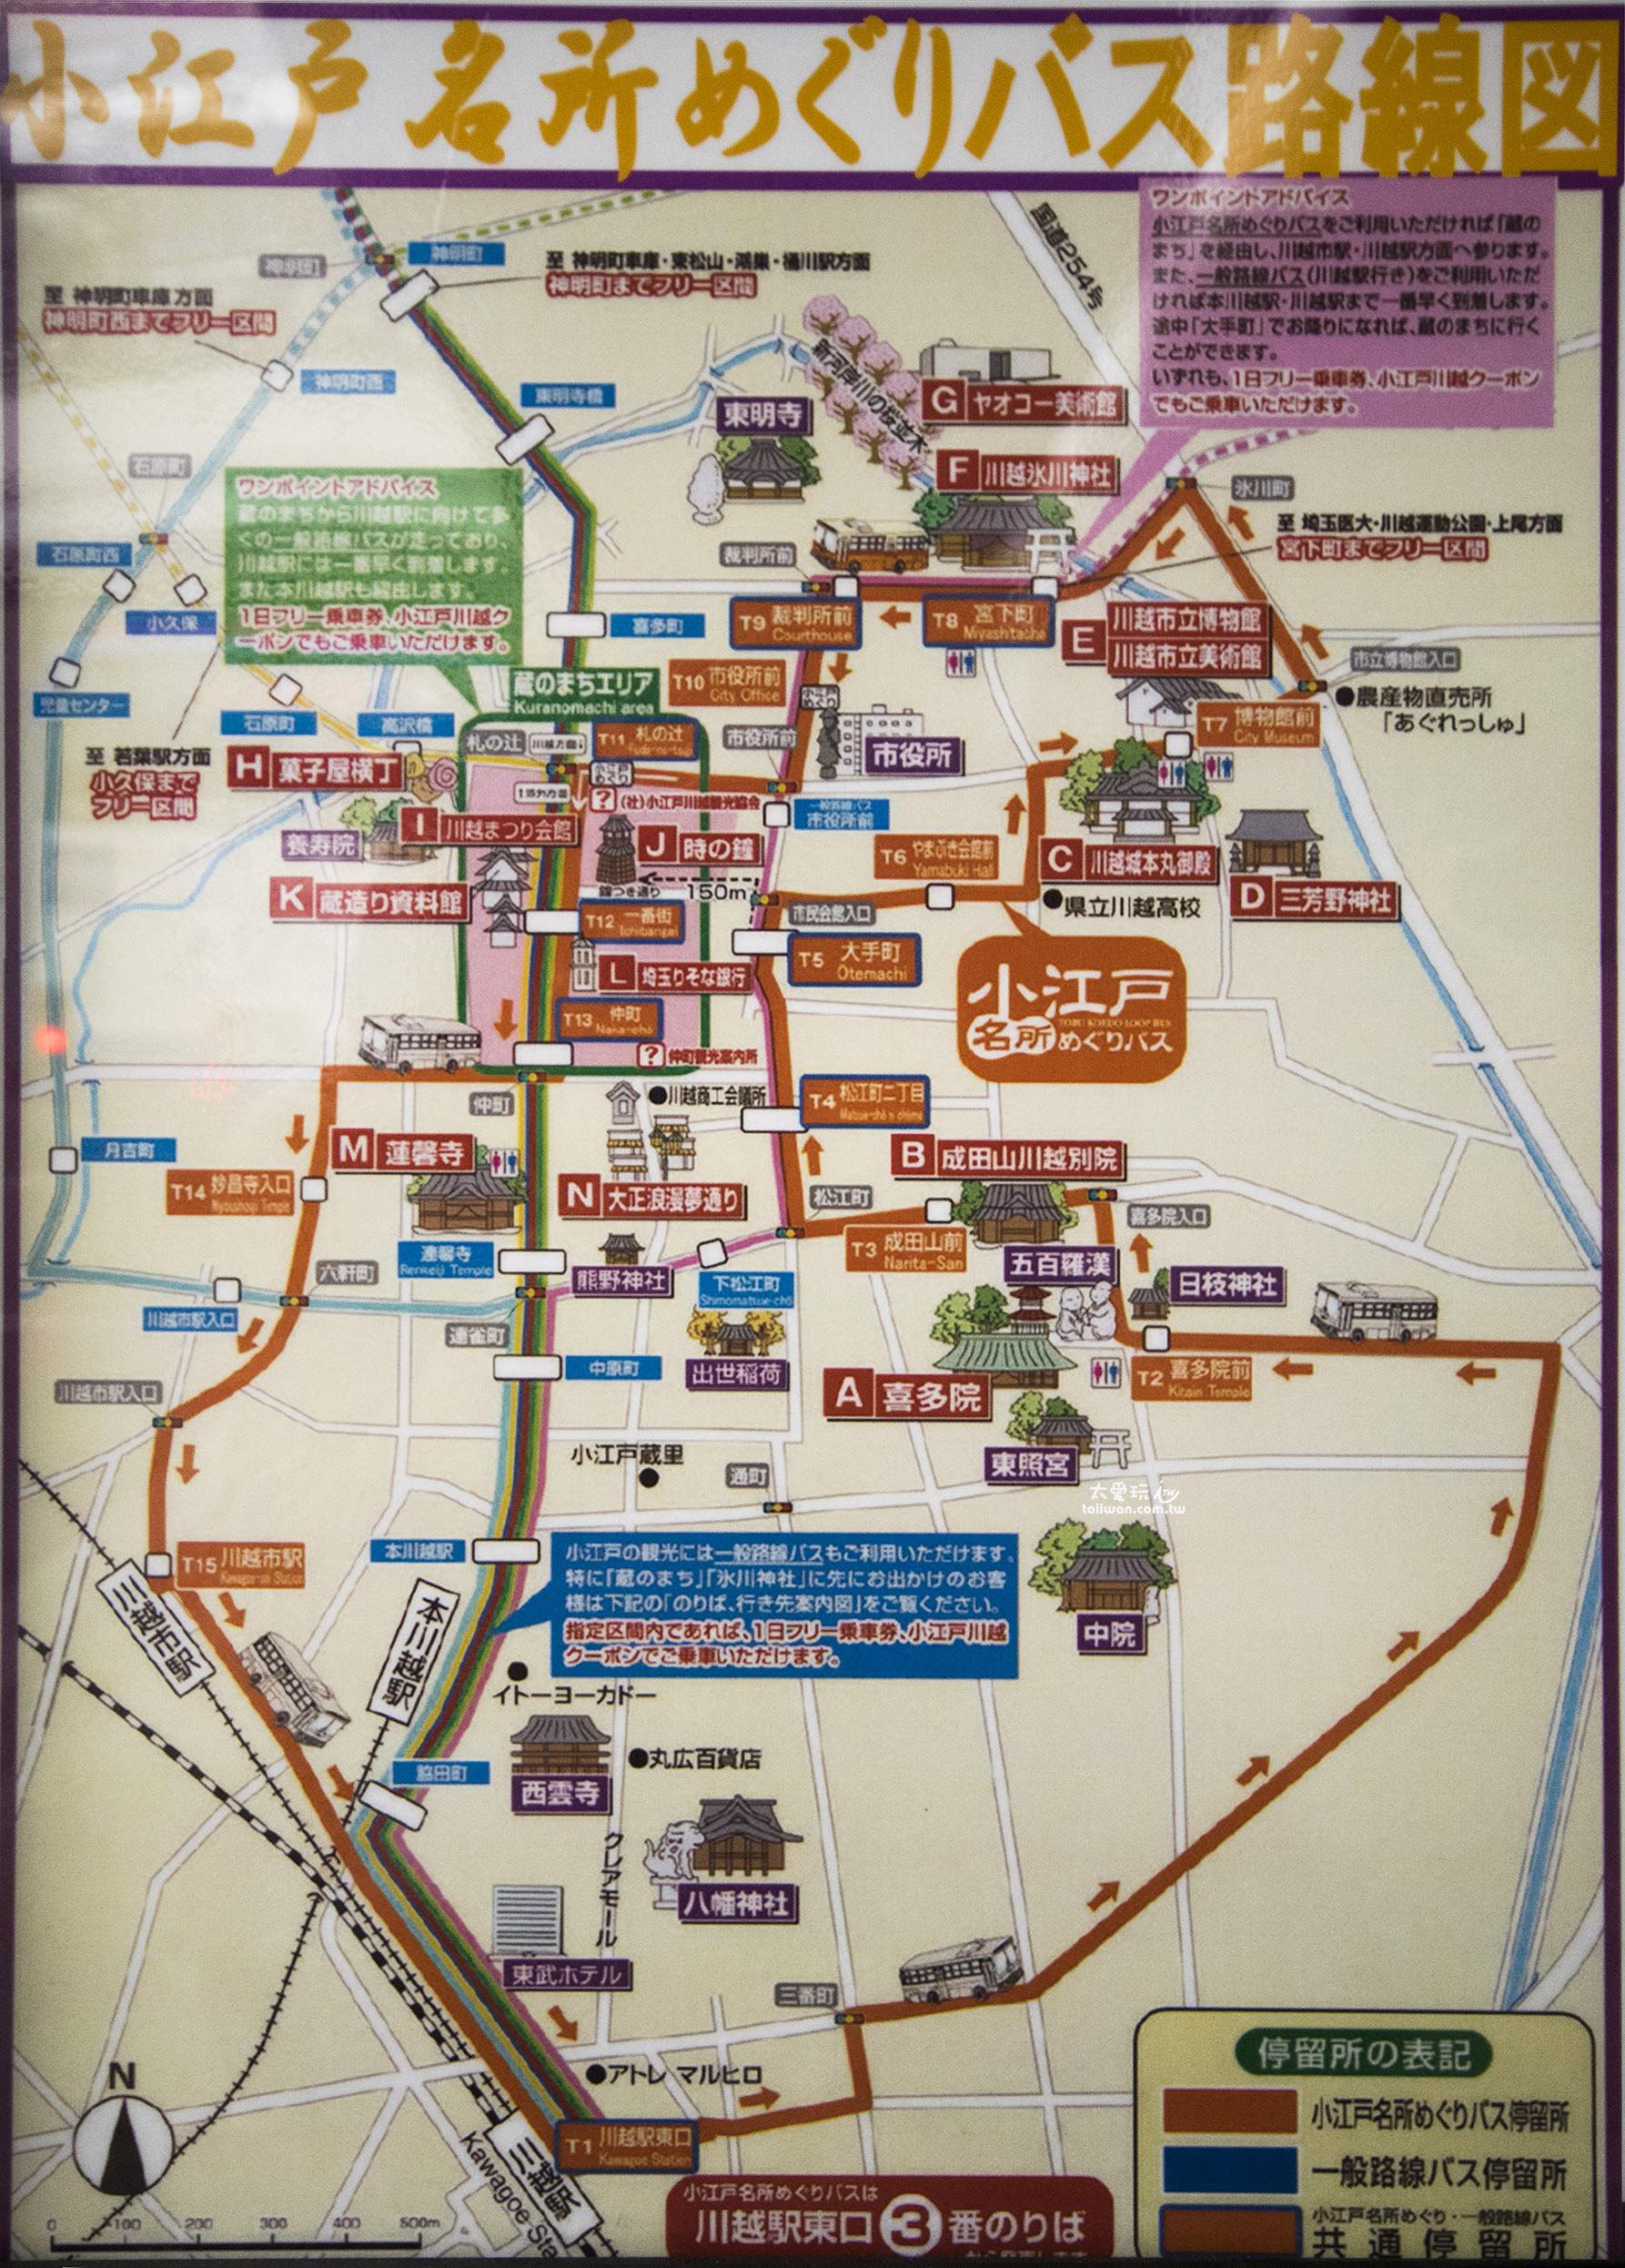 小江户名所巡迴巴士路线图(点我看大图)